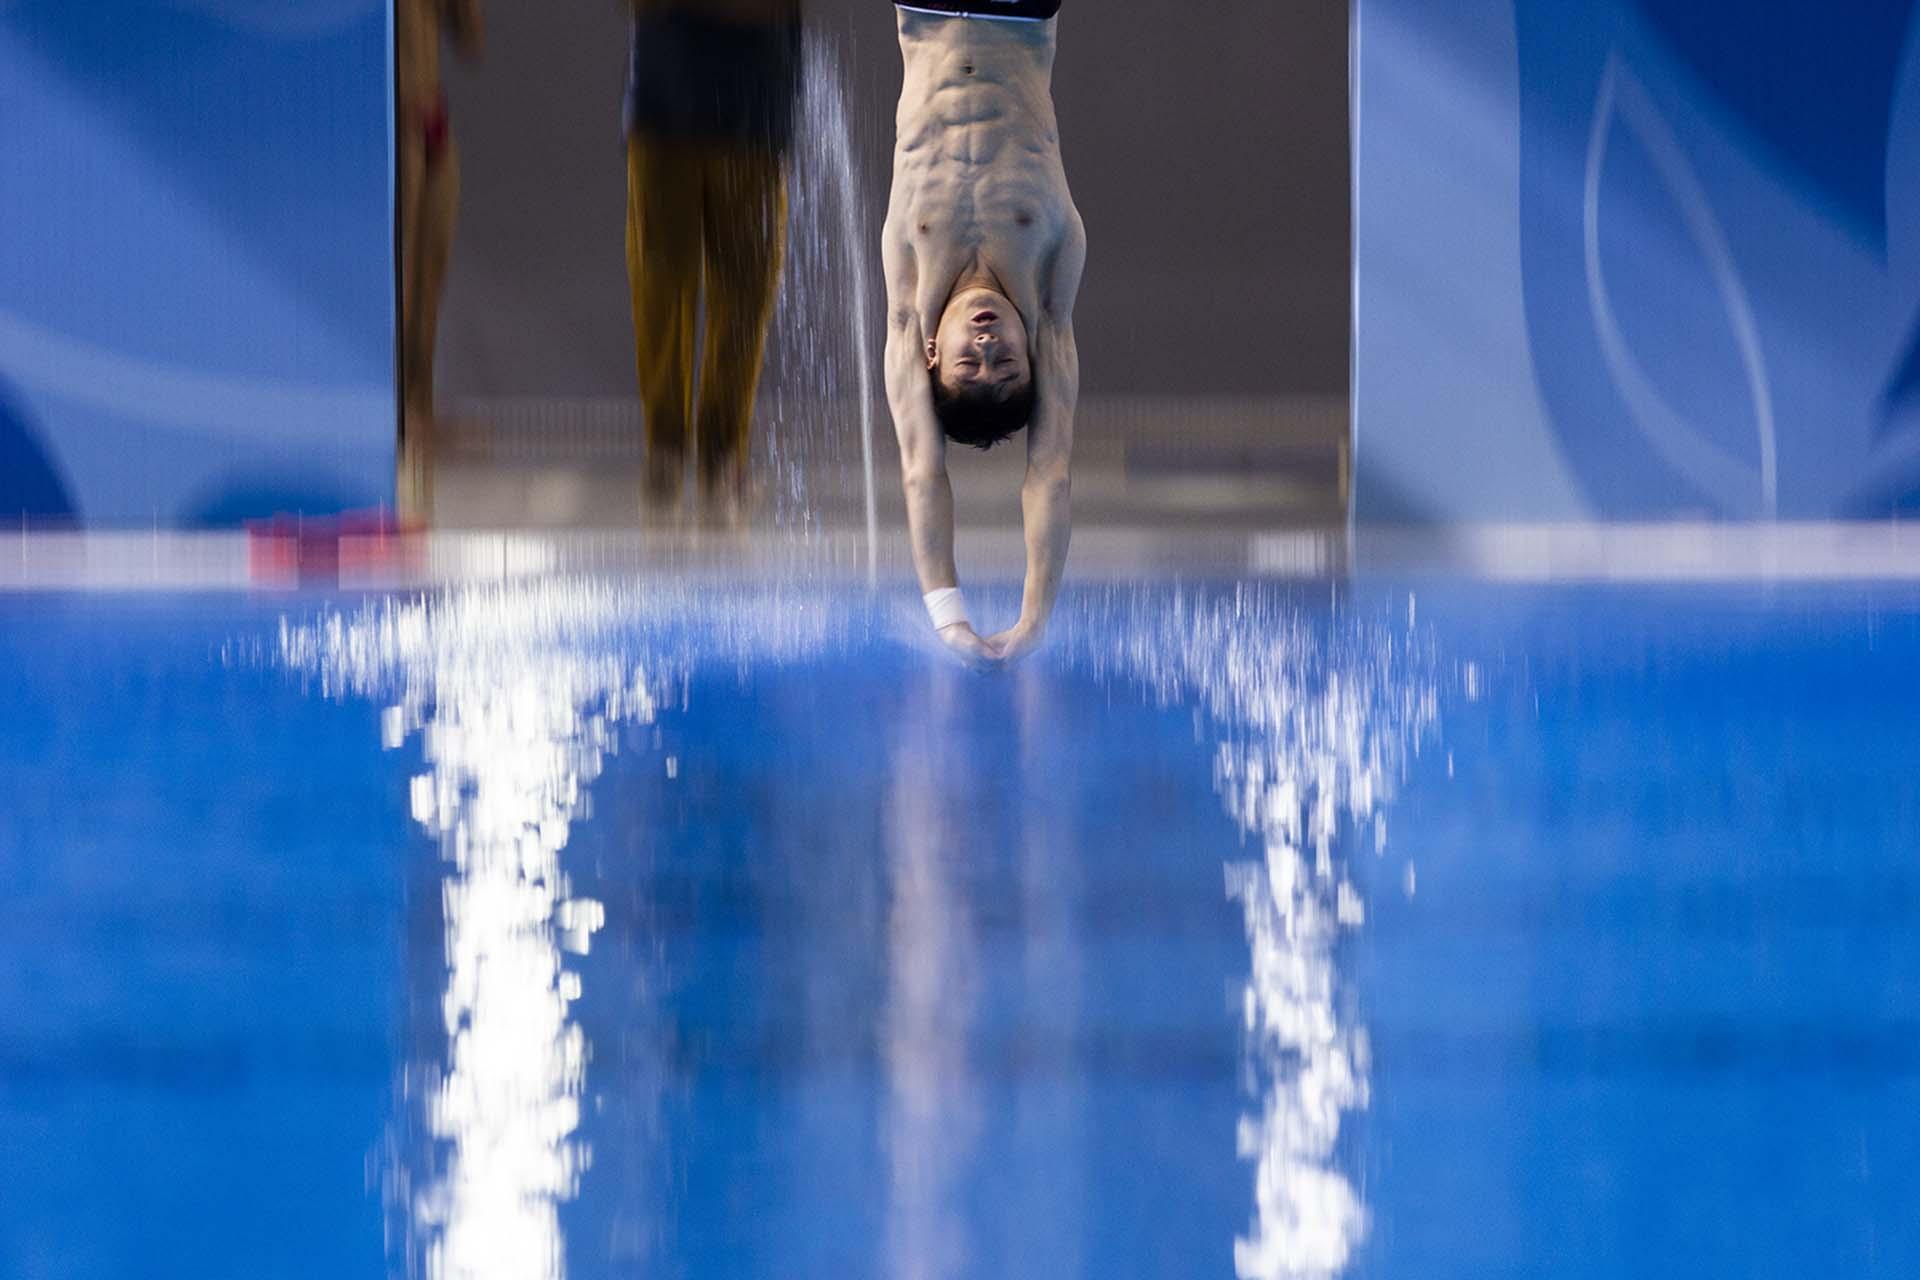 El chino Lian Junjie ejecuta su quinto salto en la prueba final de trampolín 3 metros en los Juegos Olímpicos de la Juventud (Matías Baglietto)